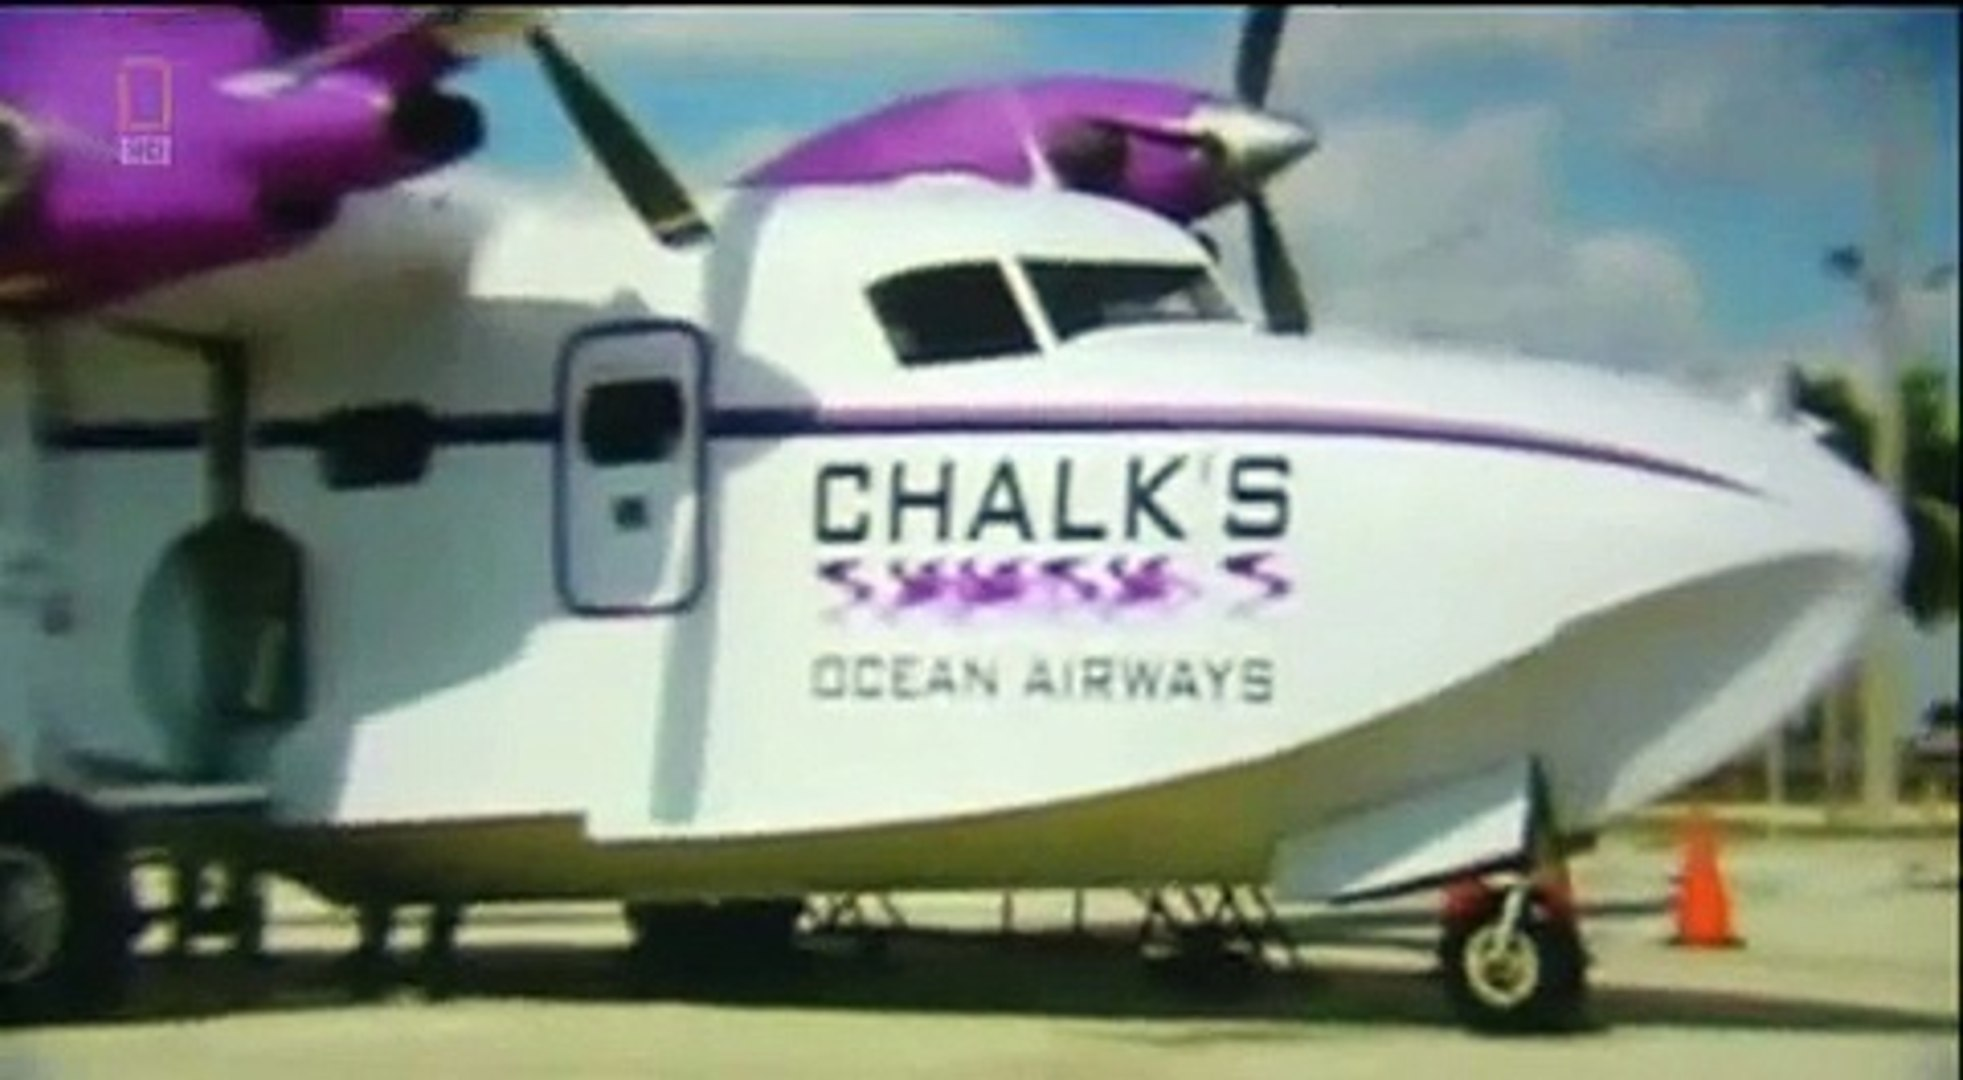 Air Crash Investigation Beach Crash (Chalk's Ocean Airways Flight 101) part  2